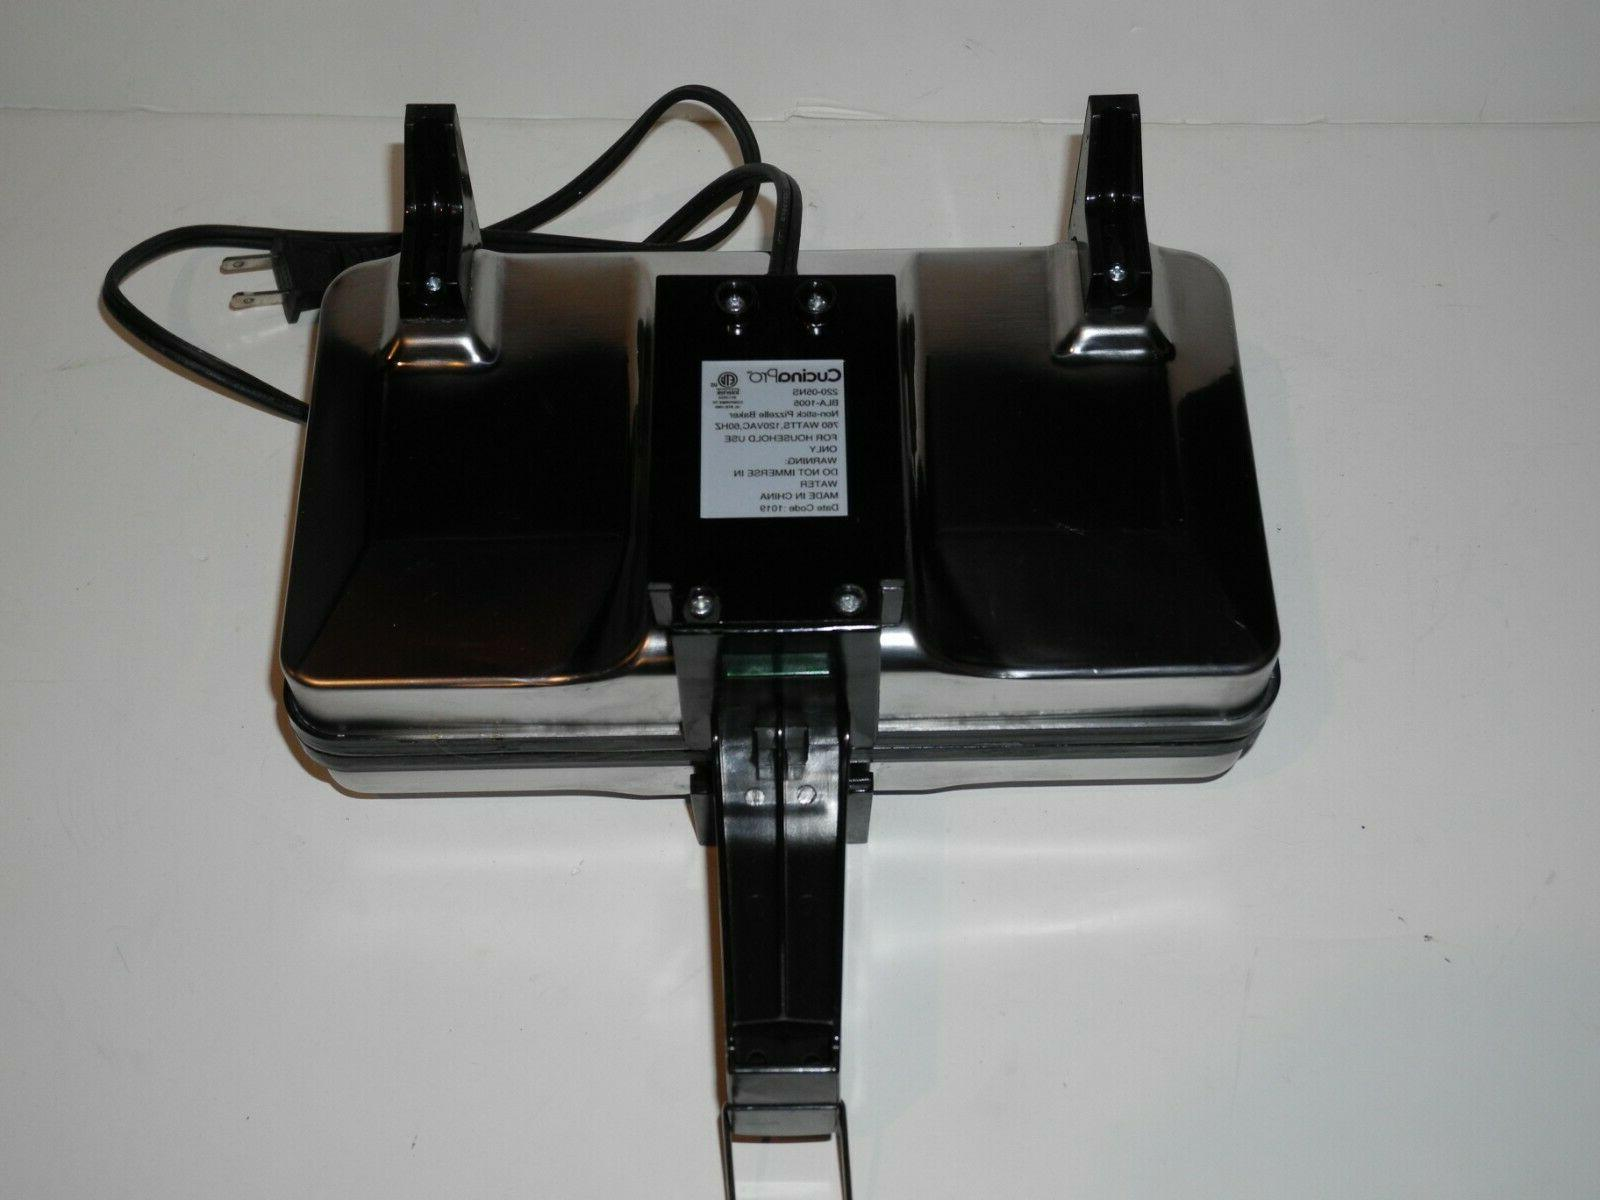 Cucina Pro Baker Iron 220-05NS 760 Watts